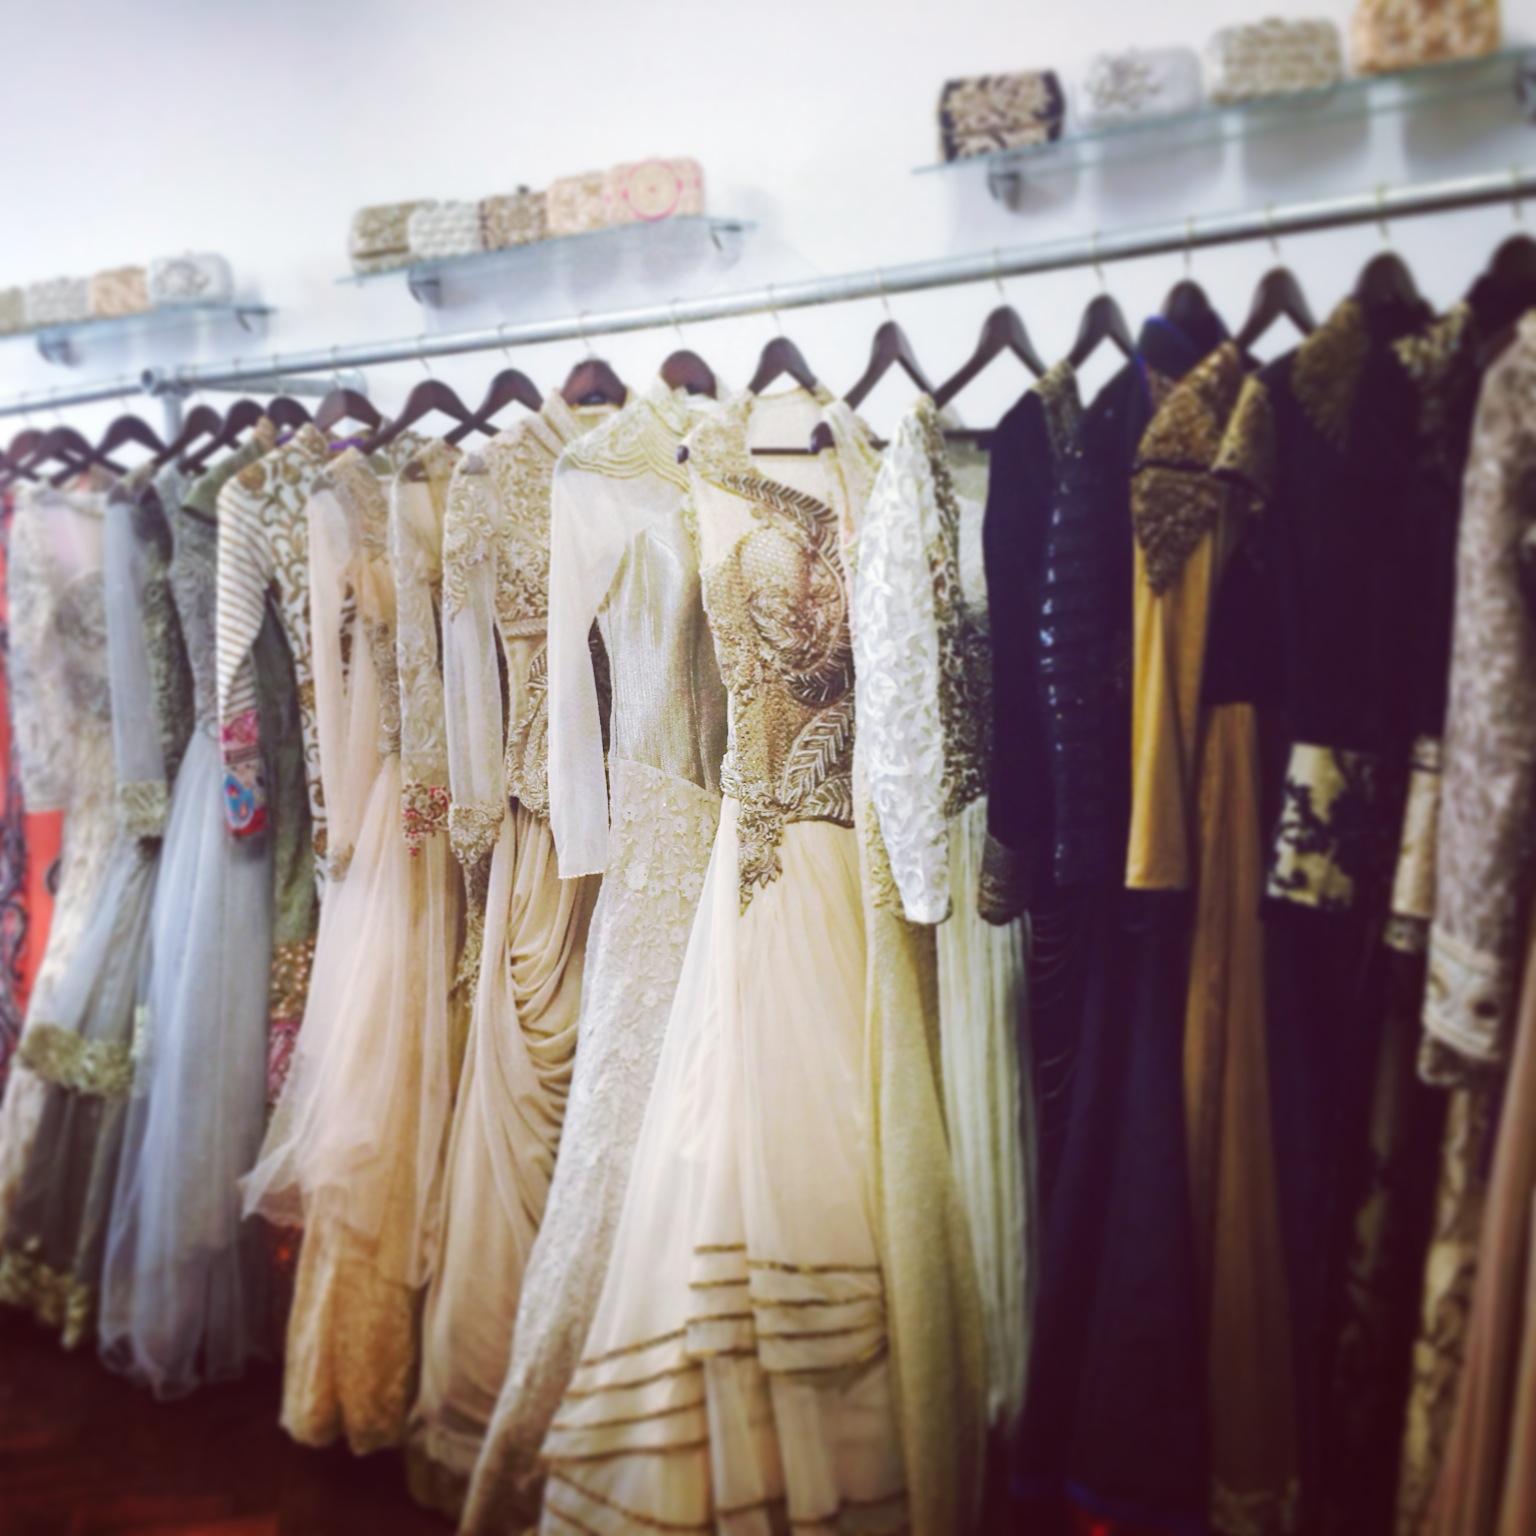 Bridal Shop Clothing Rail